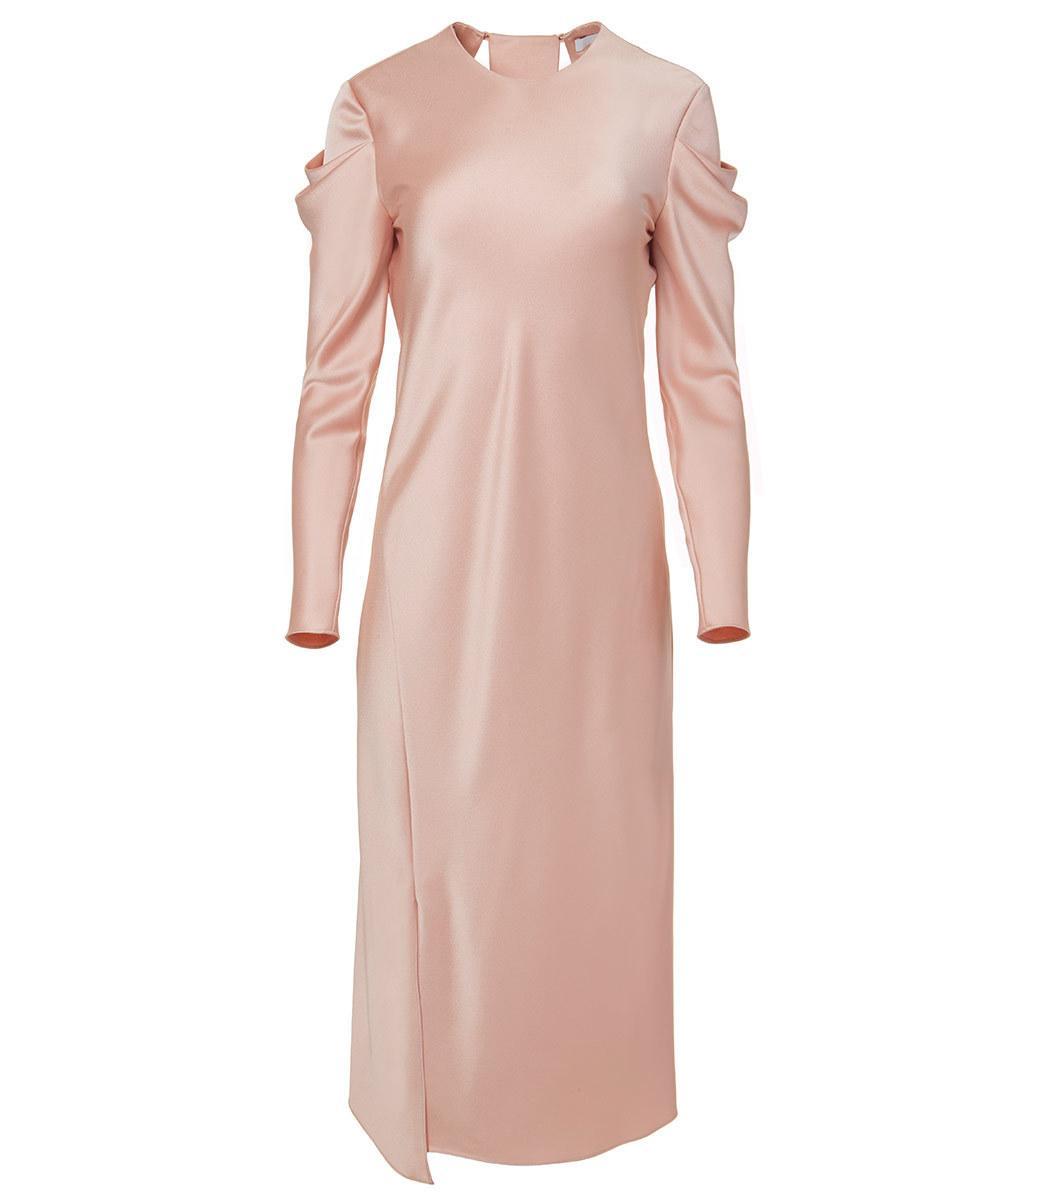 Tibi Blush Celestia Satin Drape Sleeve Dress